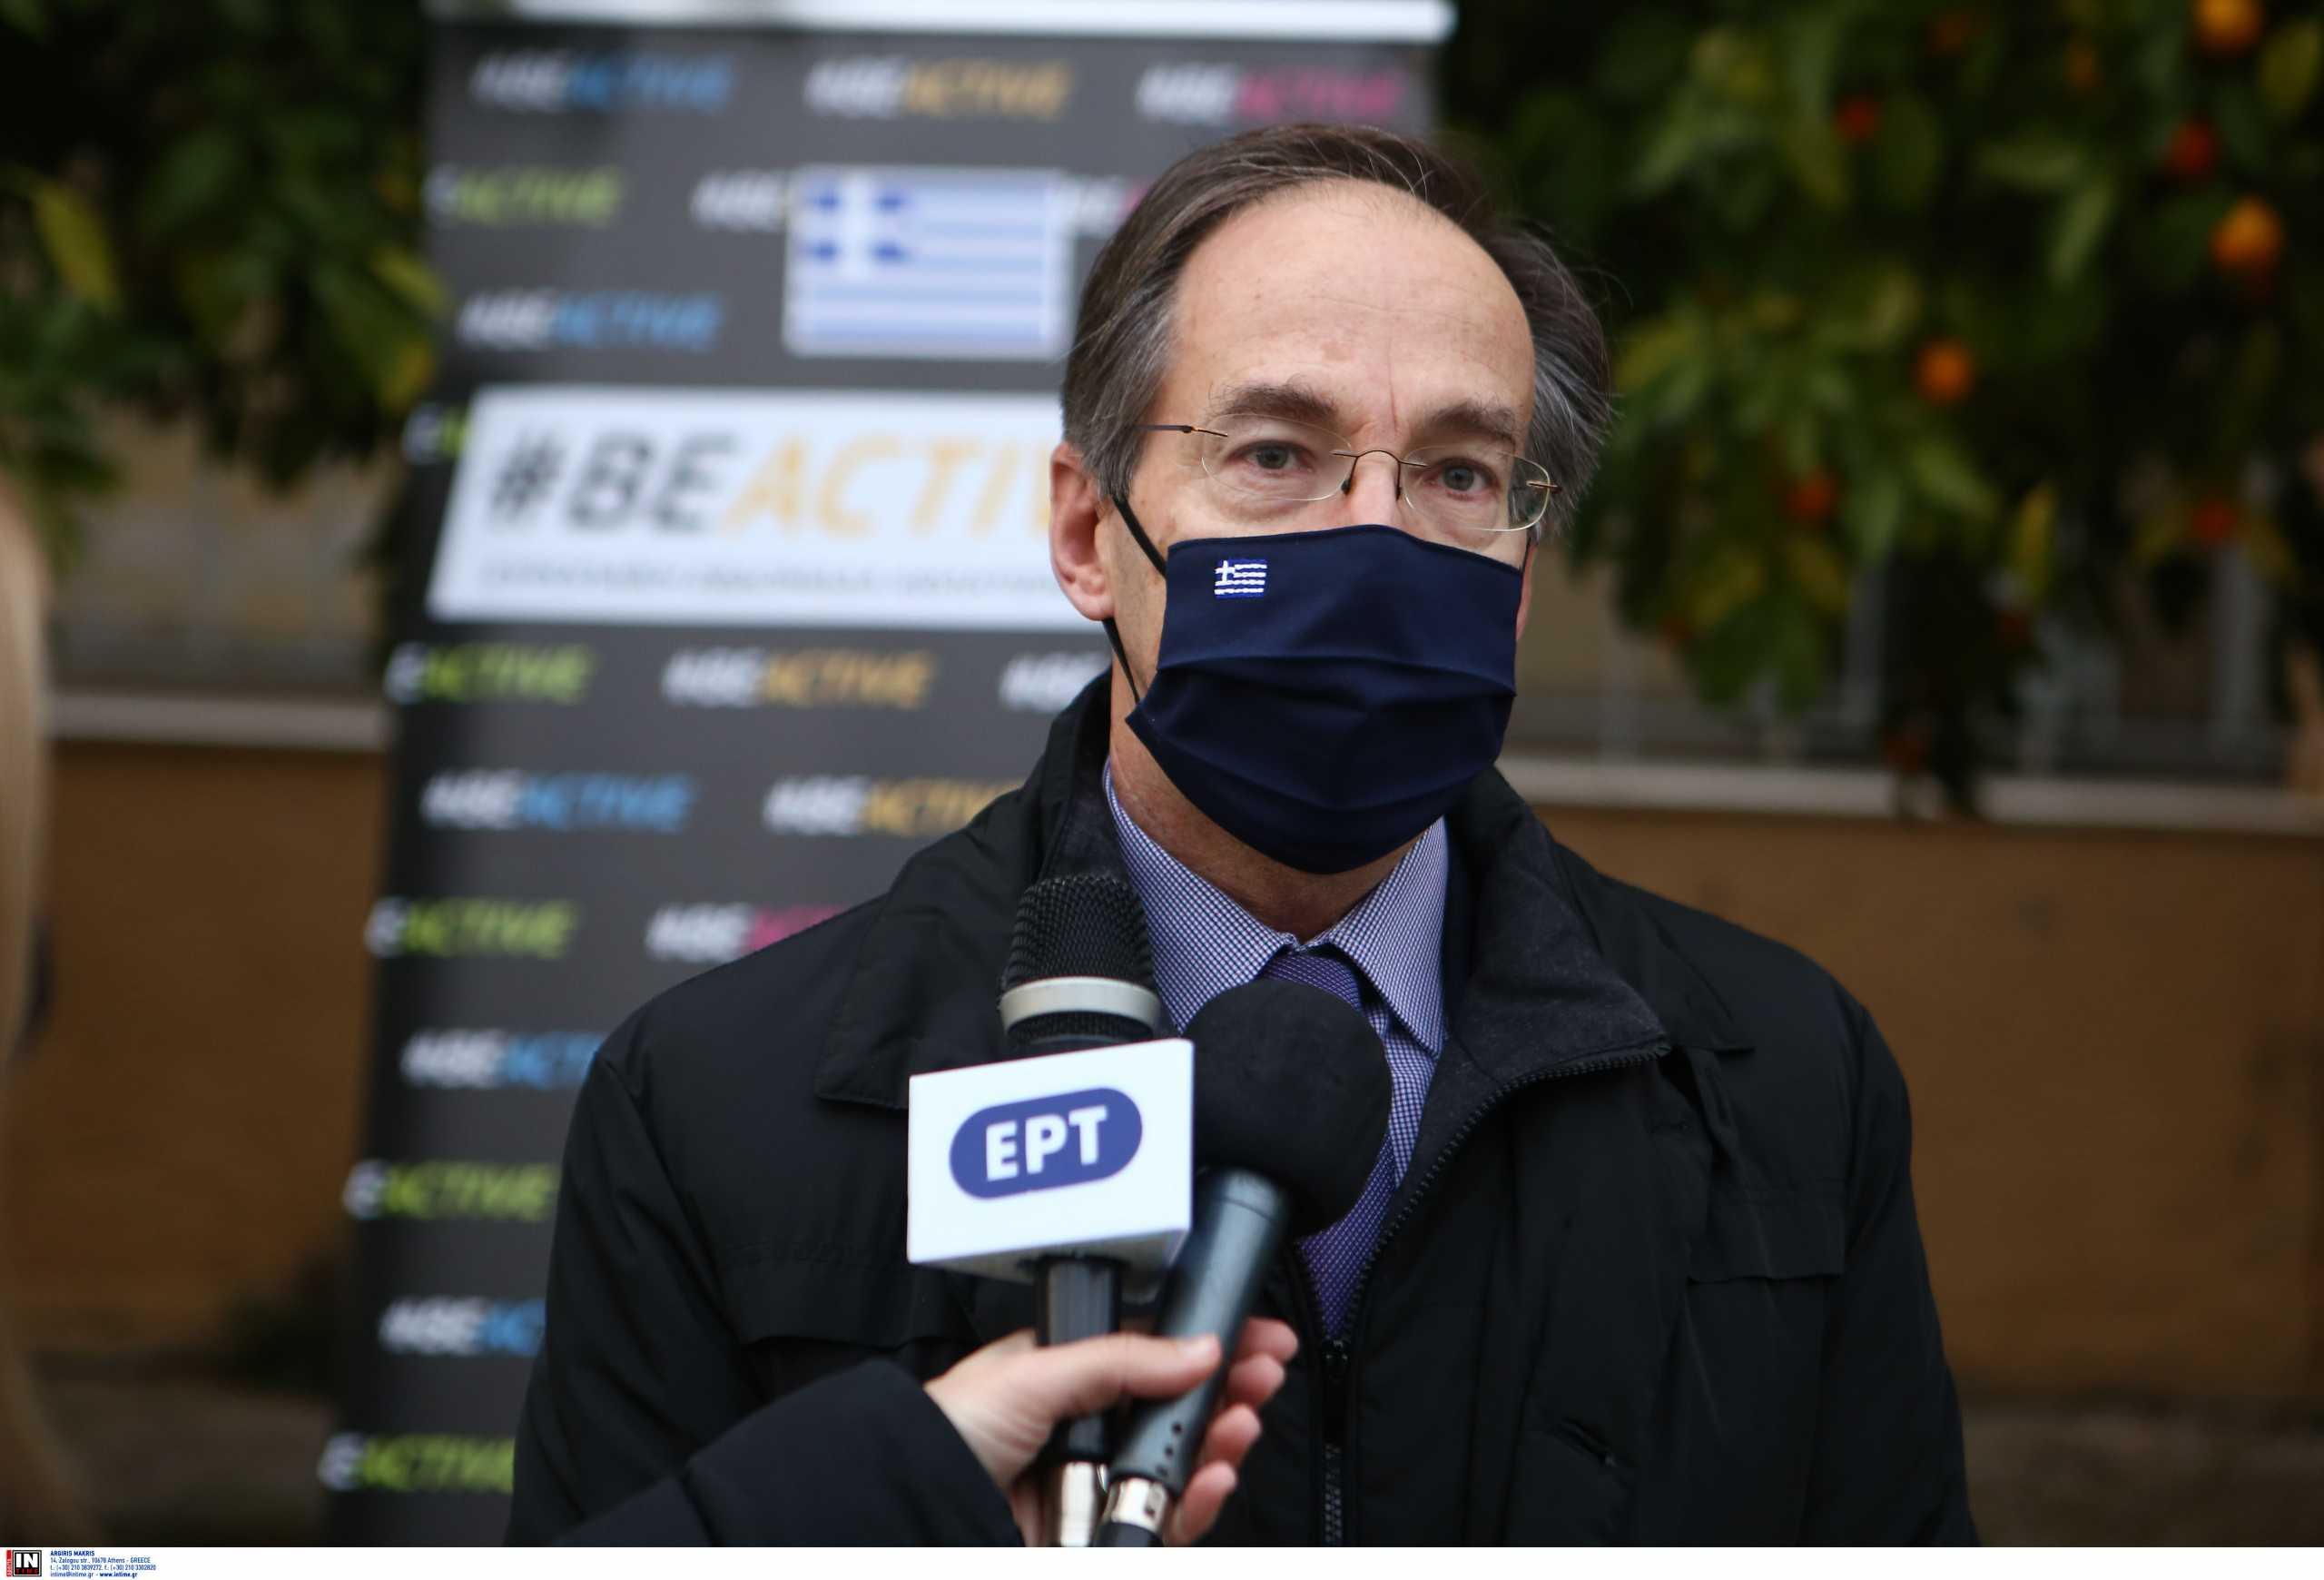 Μαυρωτάς: «Όσοι έχουν εμβολιαστεί δε χρειάζονται τεστ για τους αγώνες»